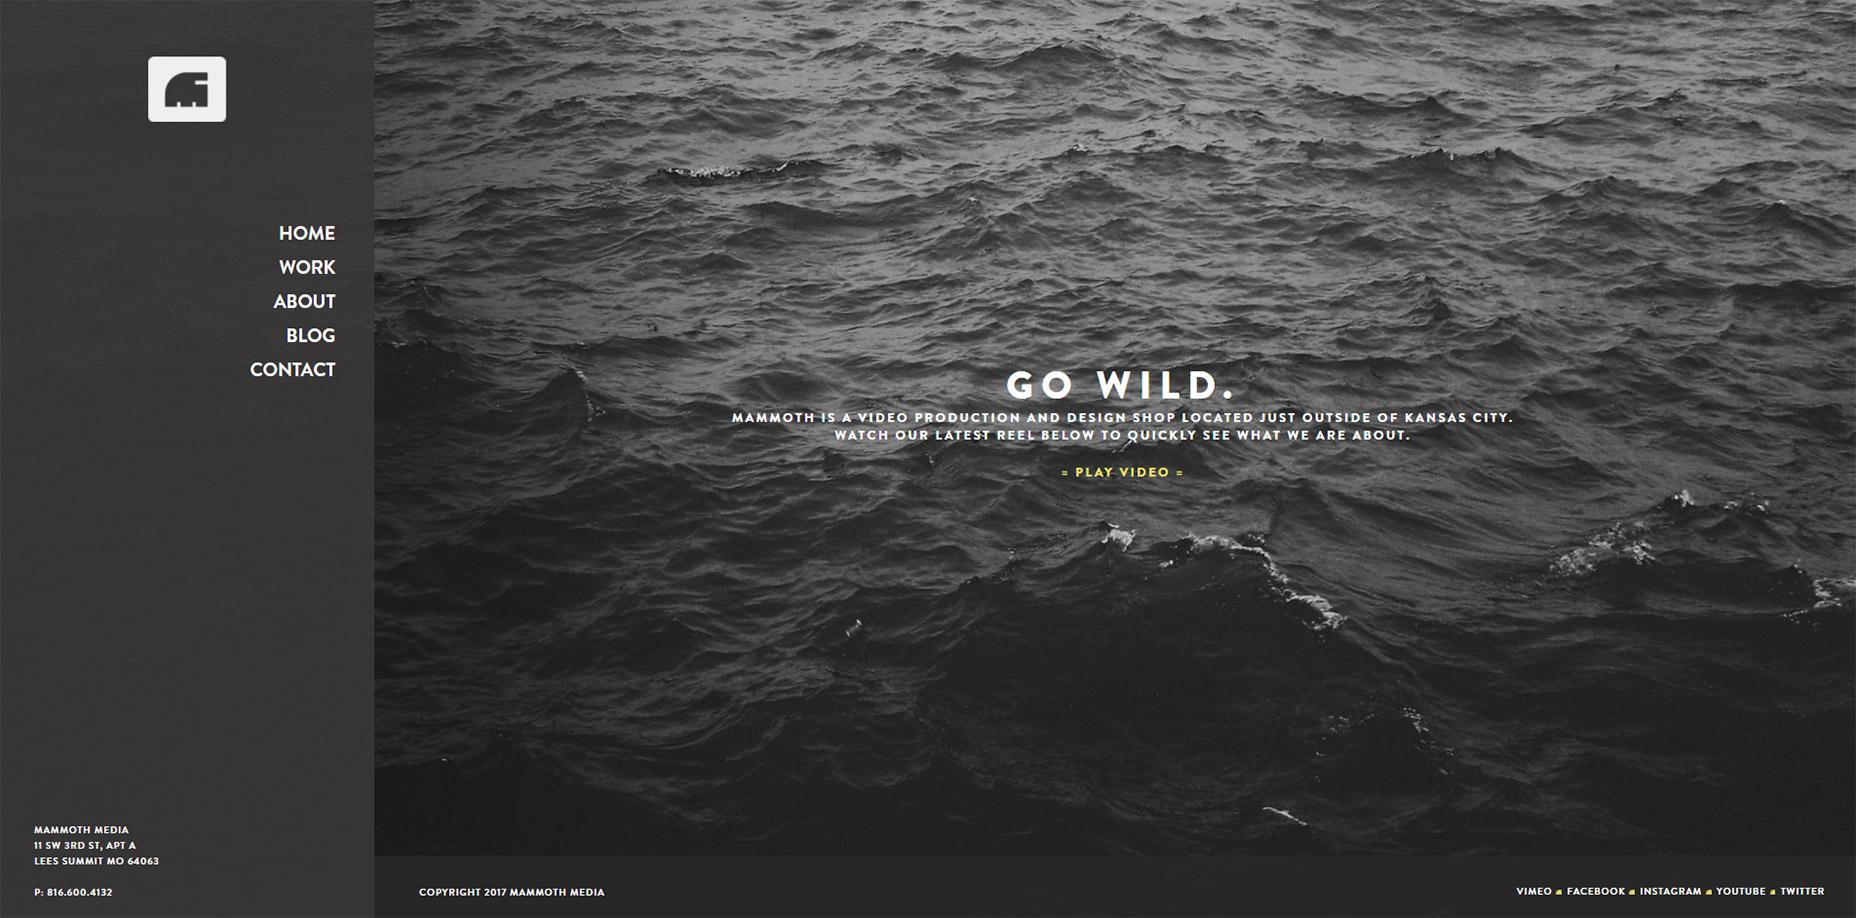 10 сайтов с превосходной вертикальной навигацией